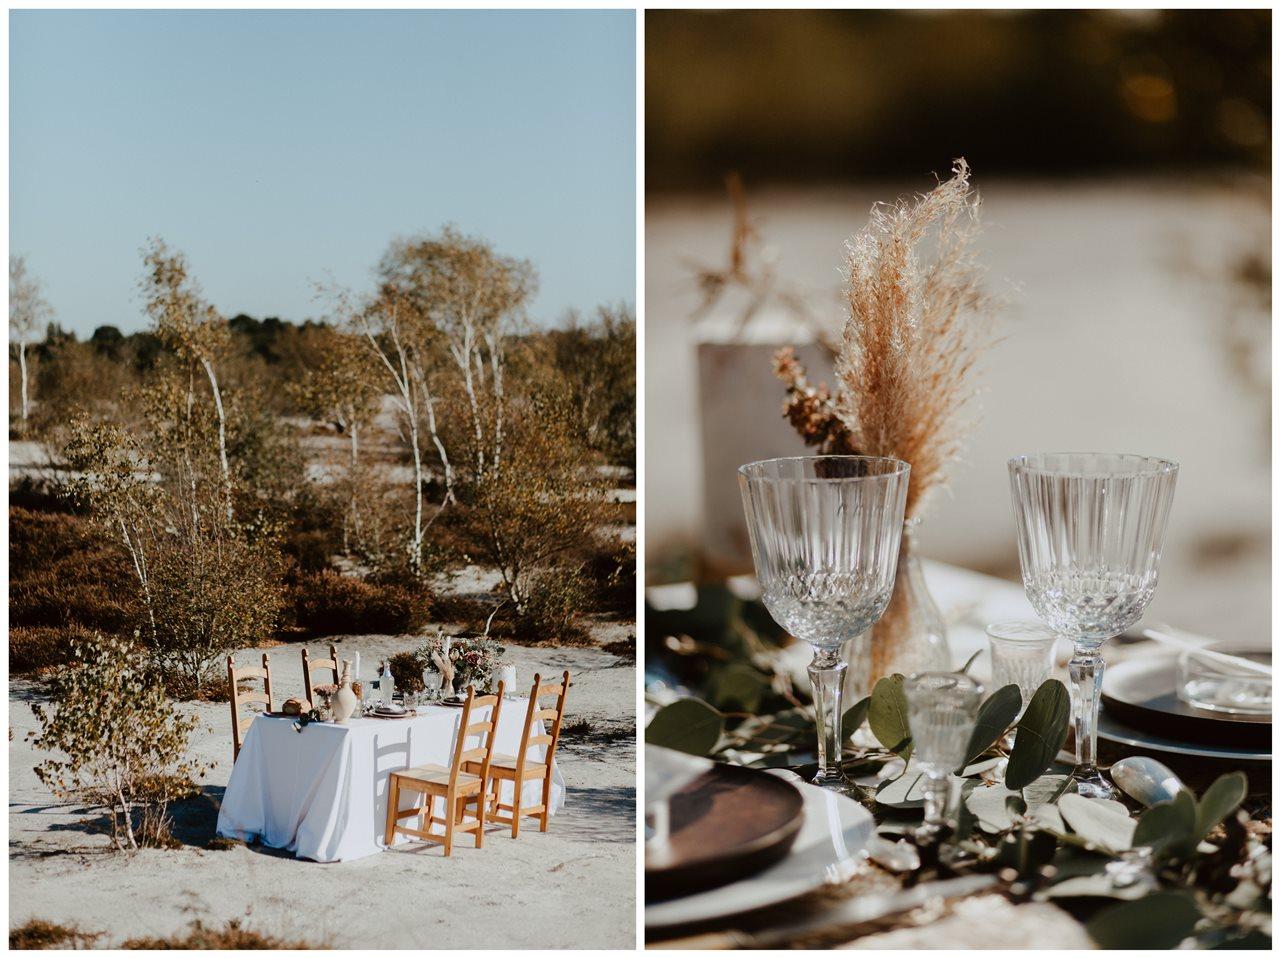 mariage nude désert table mariage détail décoration